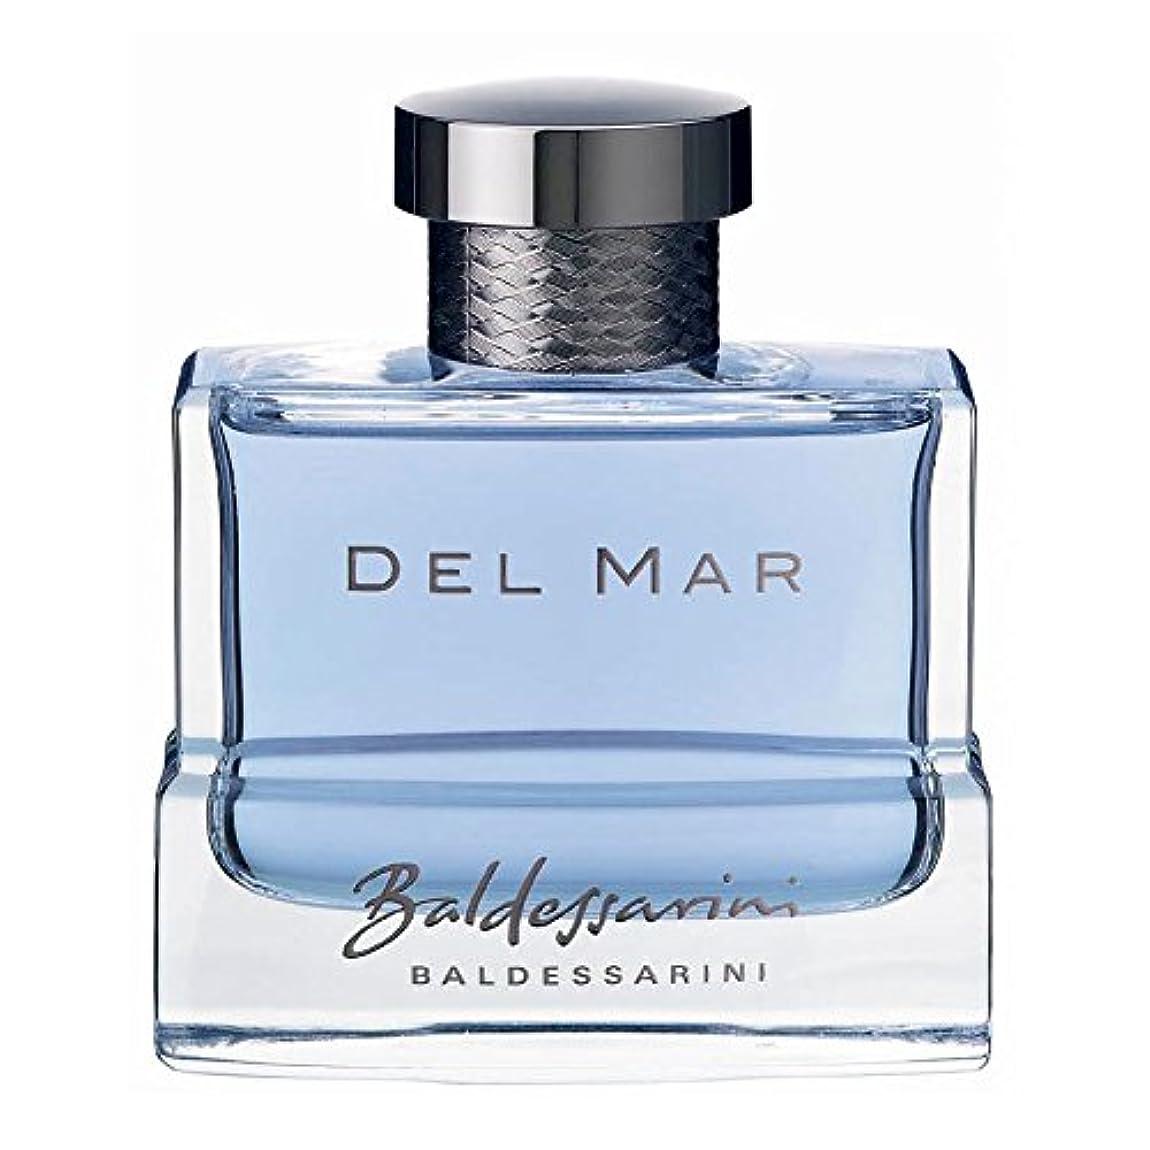 ロータリー合理化スキャンBaldessarini Del Mar (バルデサリー二デルマー) 3.0 oz EDT Spray by Hugo Boss for Men